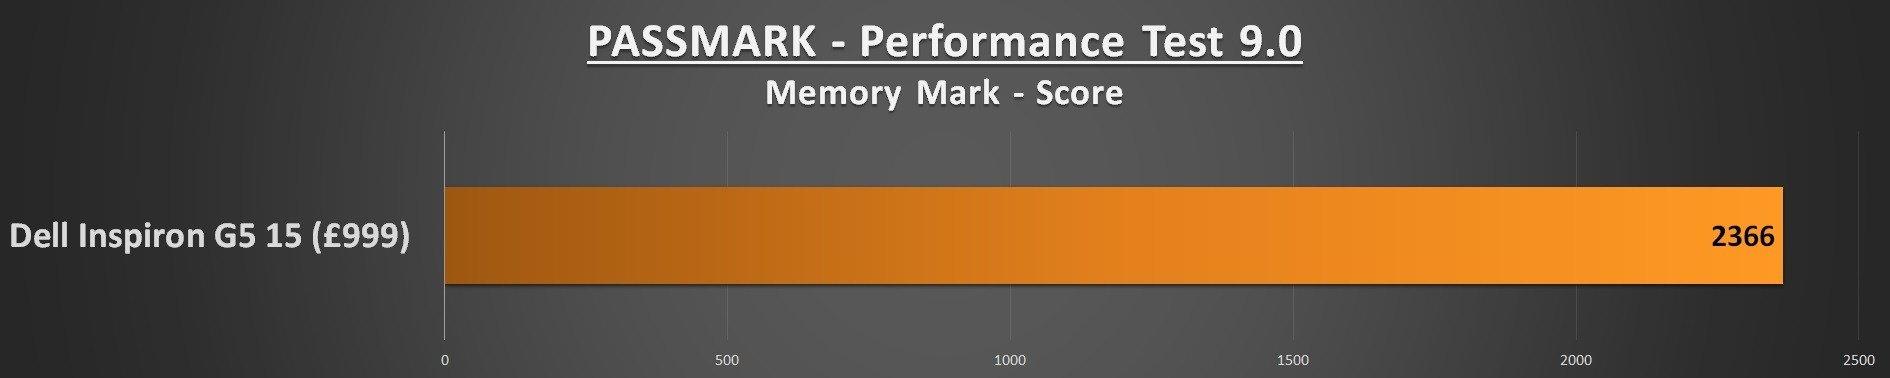 Dell Inspiron G5 15 Performance - PASSMARK Memory Mark